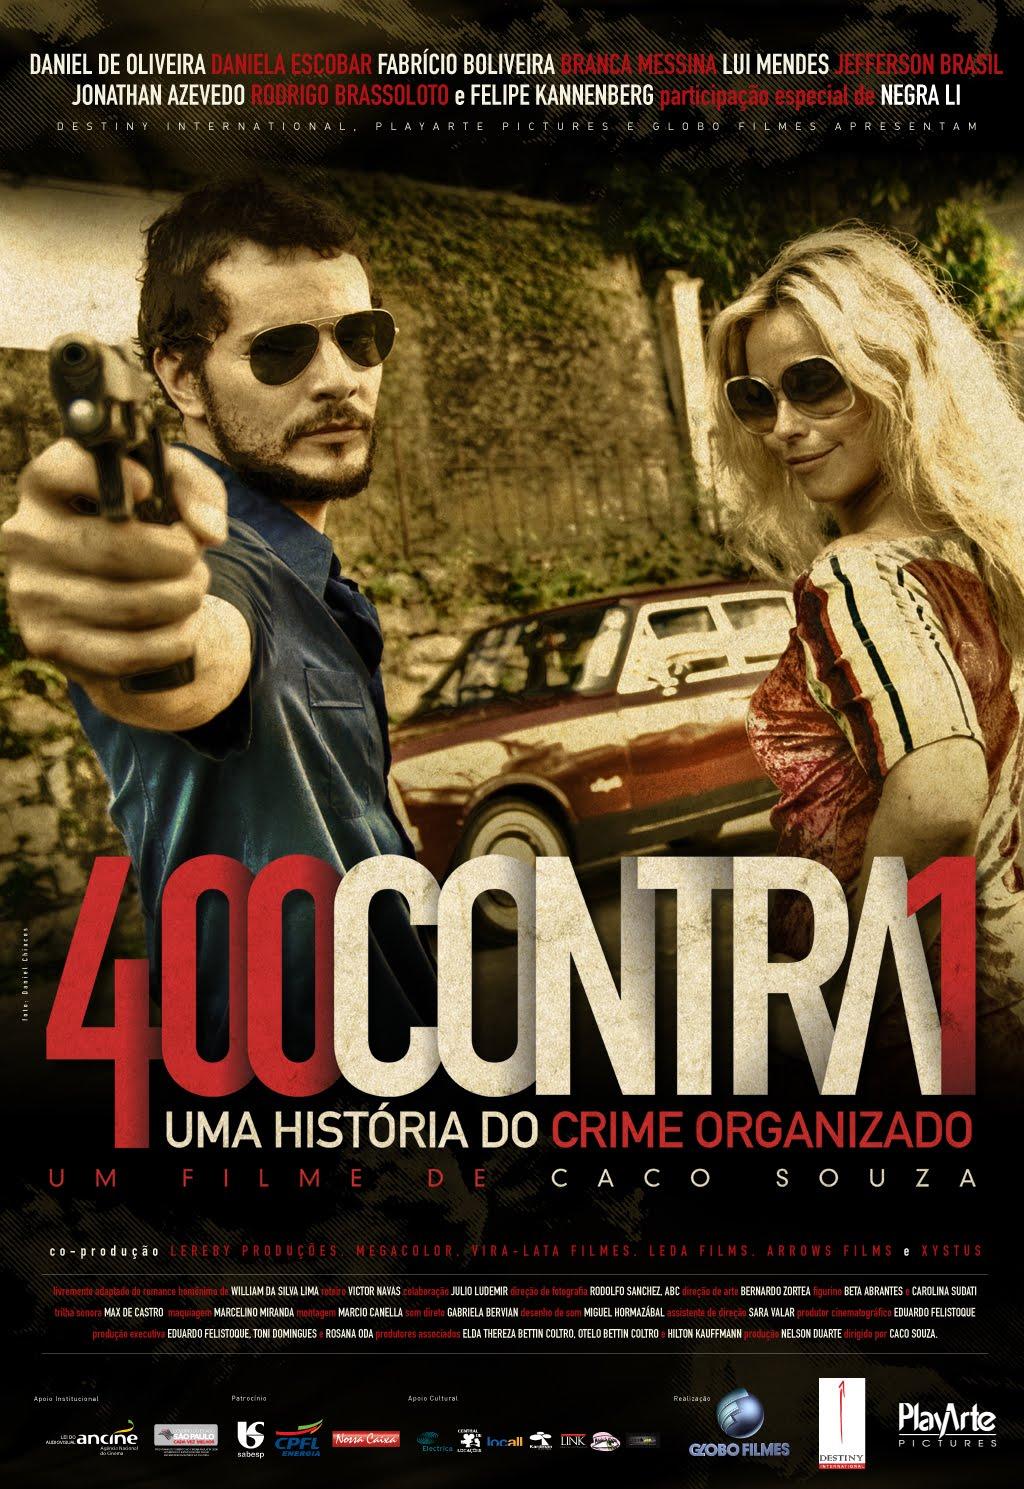 400 Contra 1: A História do Comando Vermelho [Nac] – IMDB 5.3